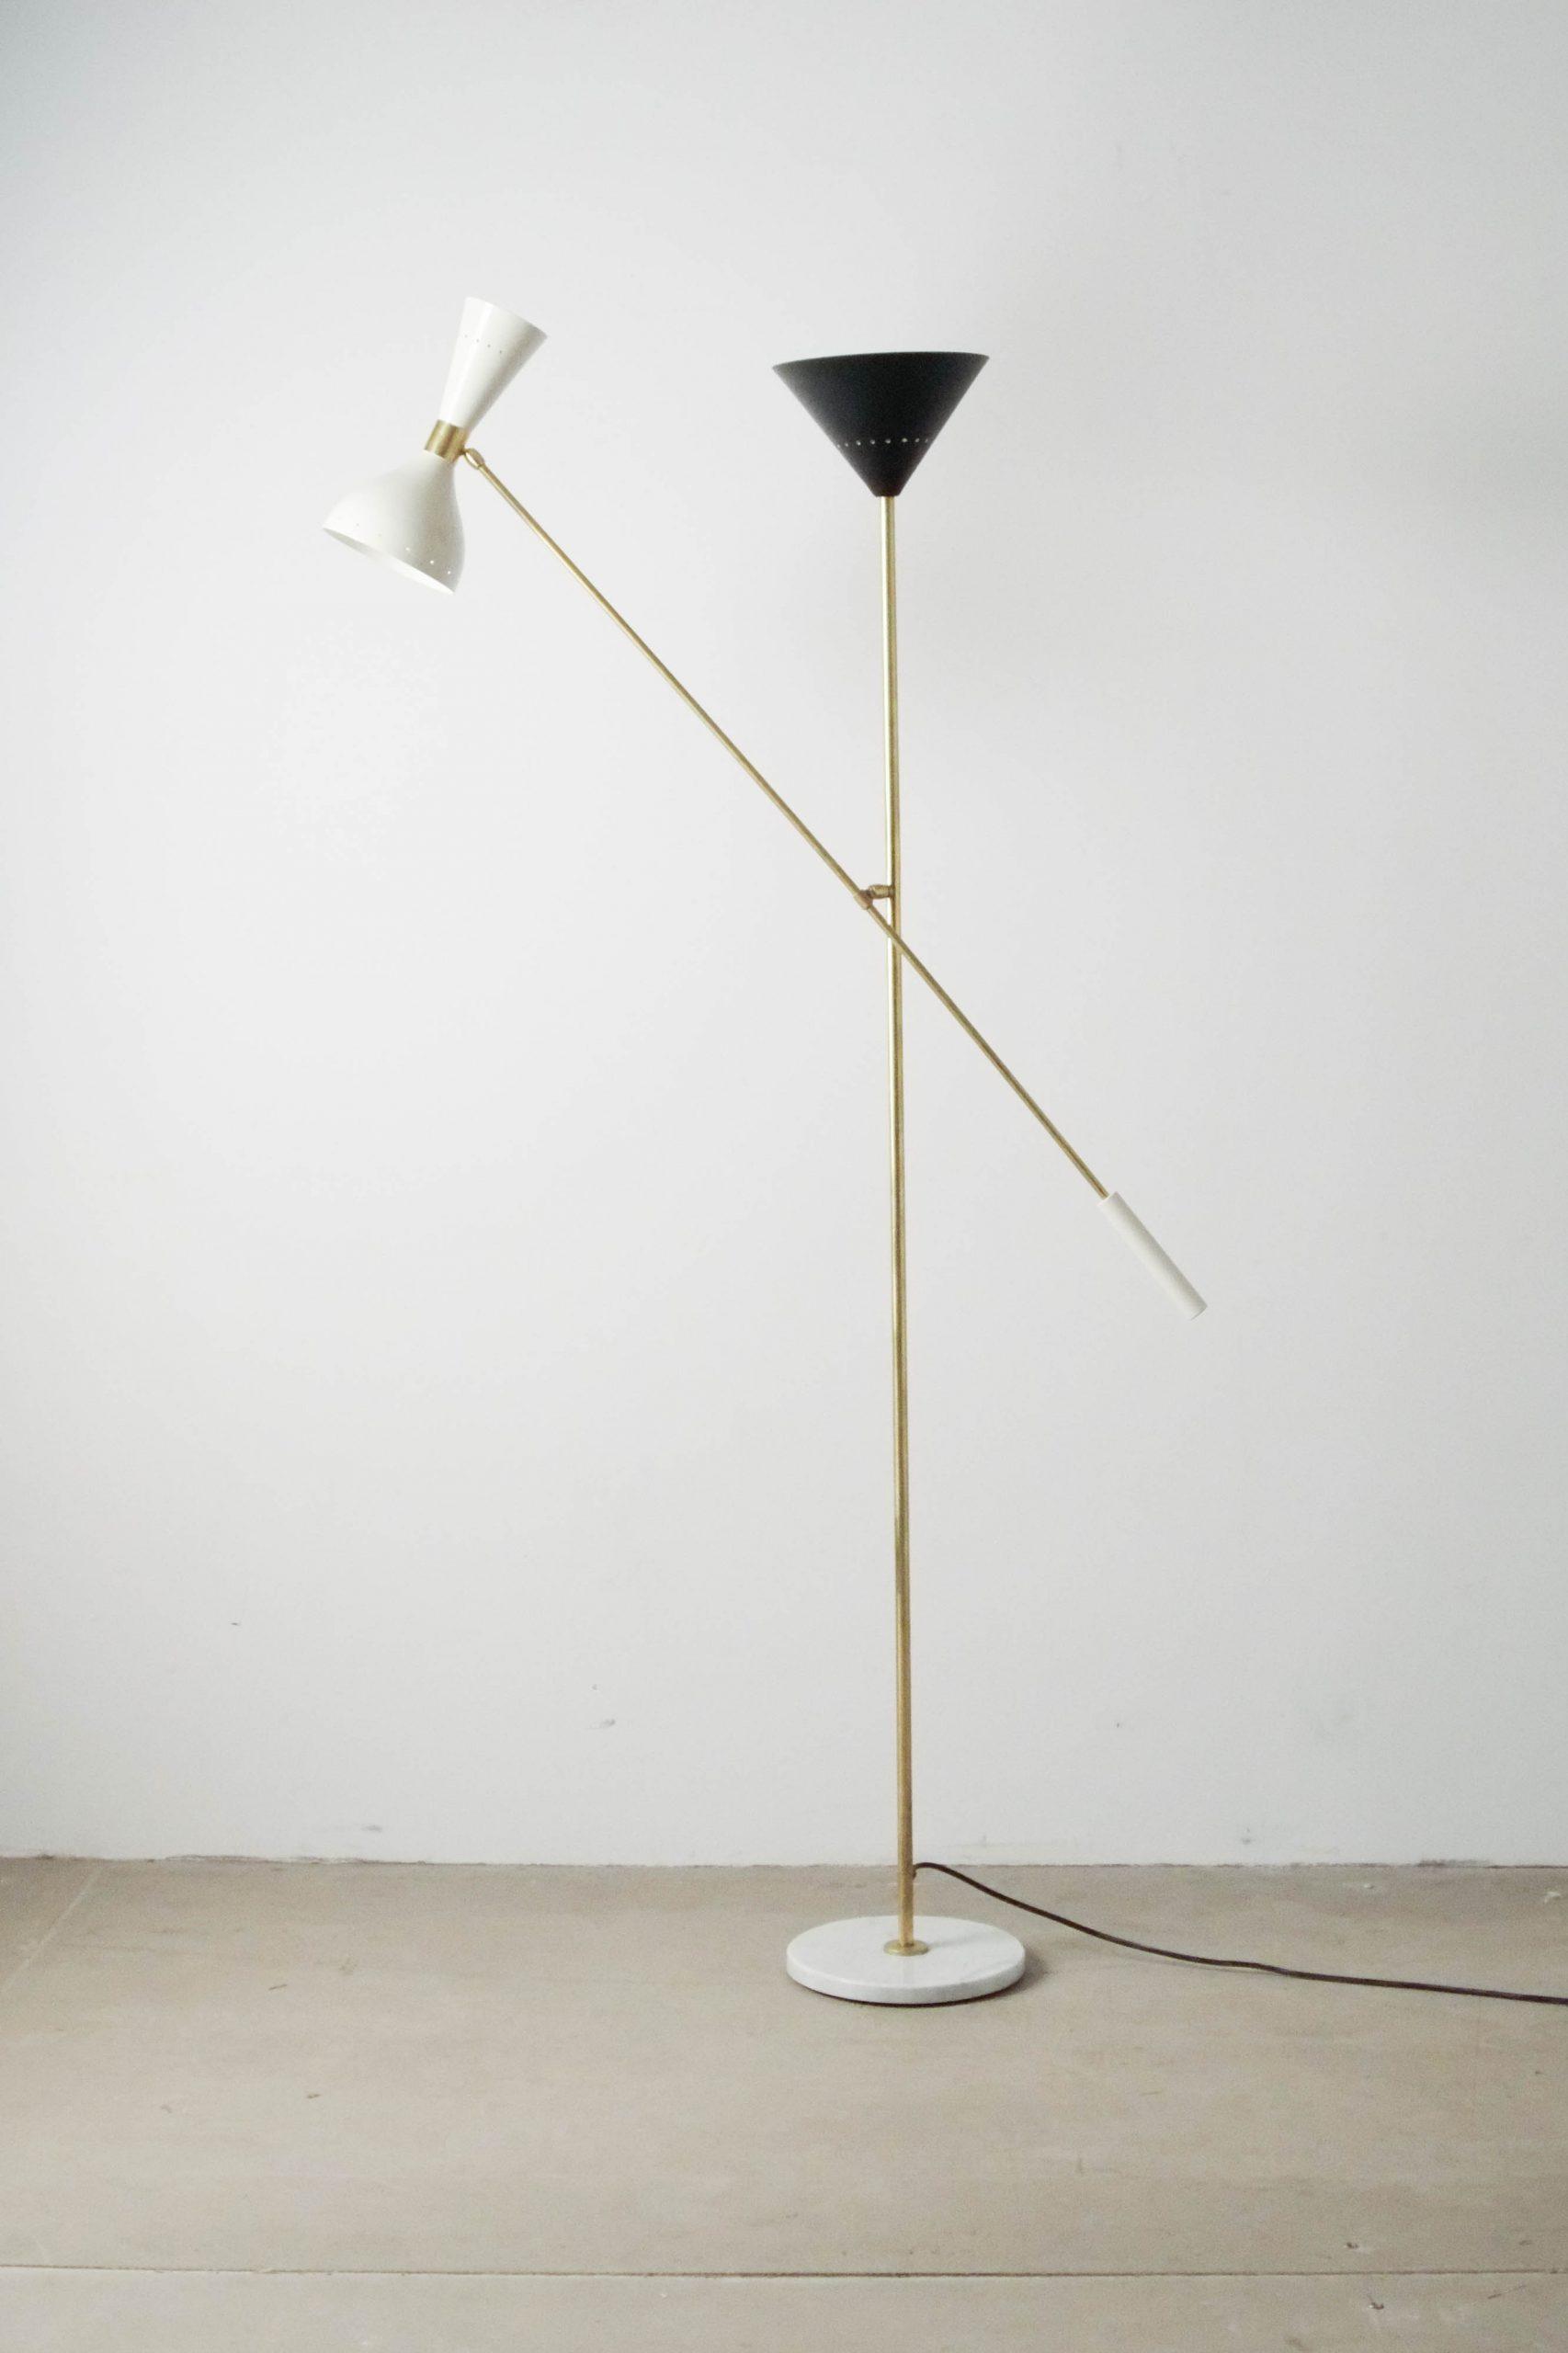 lampara stilnovo de laton de diseño elegante italiana